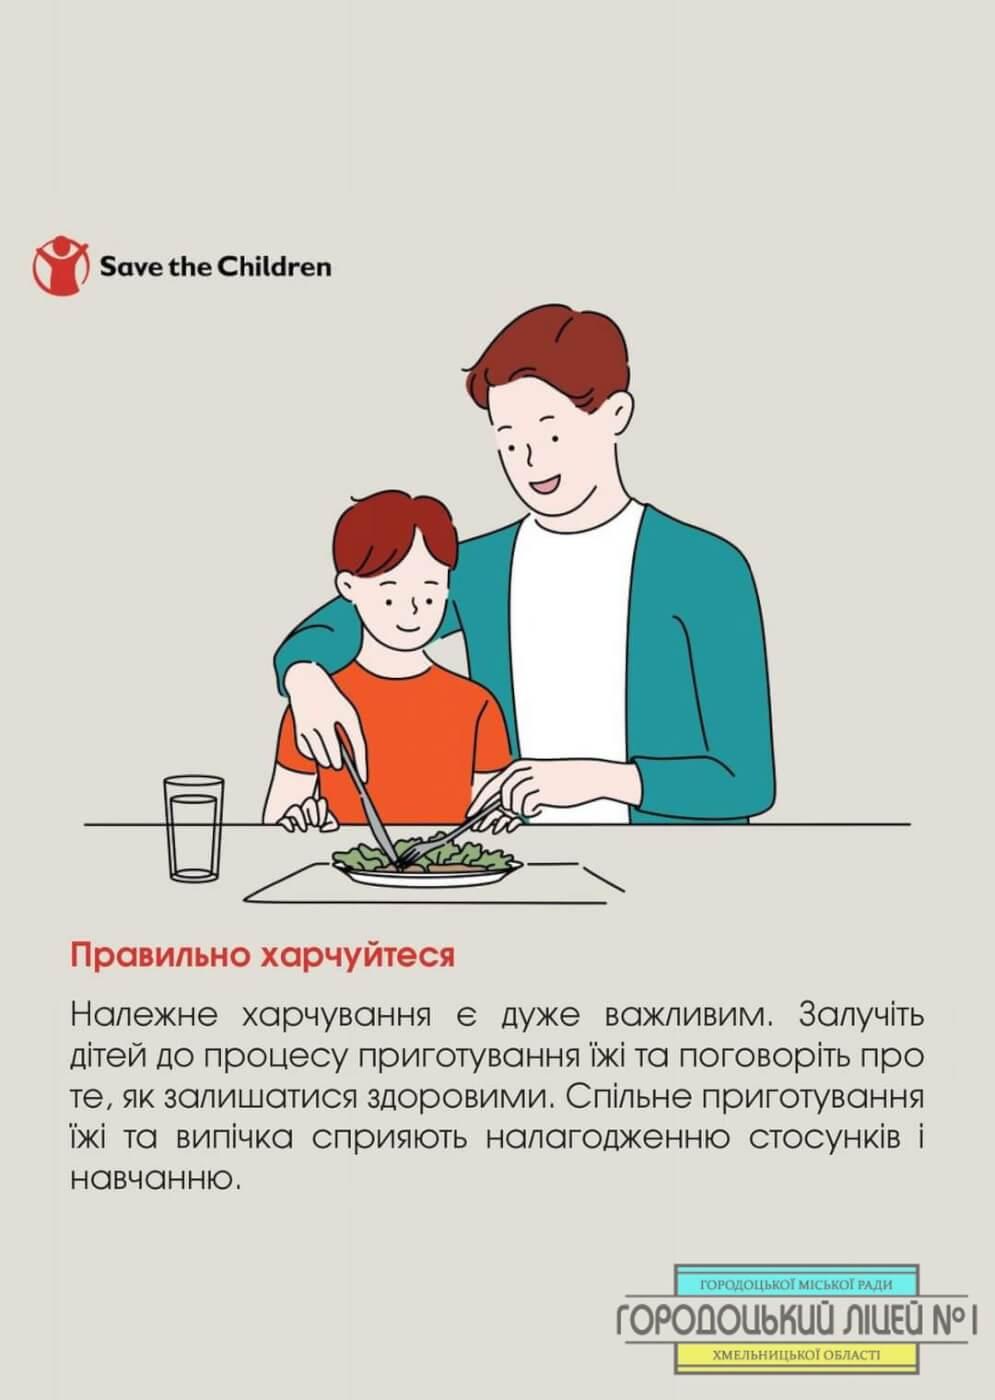 zobrazhennya viber 2021 03 29 11 22 035 - Діти на карантині. Поради для батьків